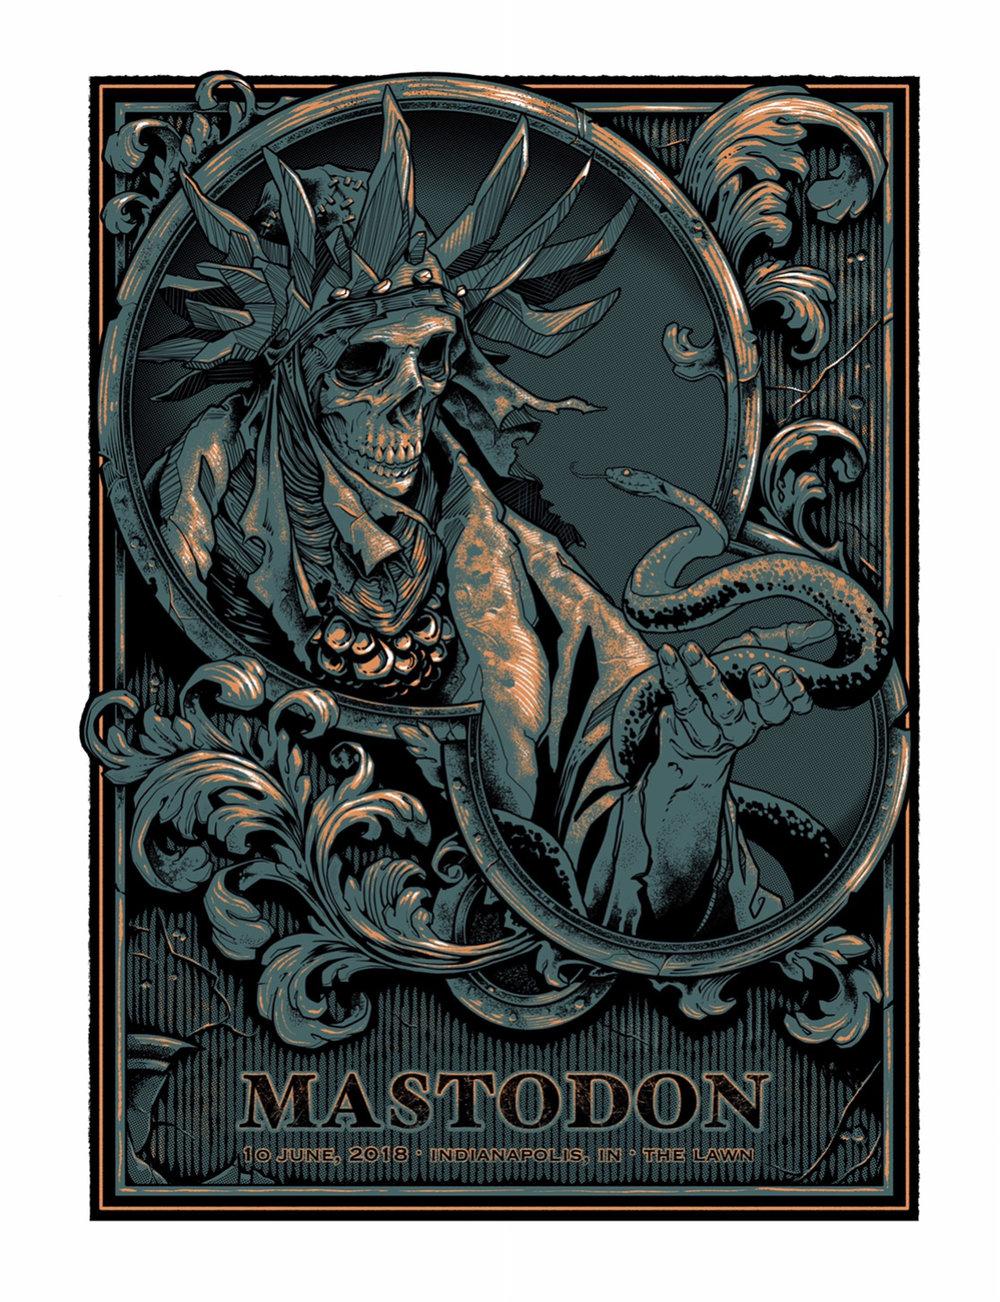 © Scott Buoncristiano - Mastodon